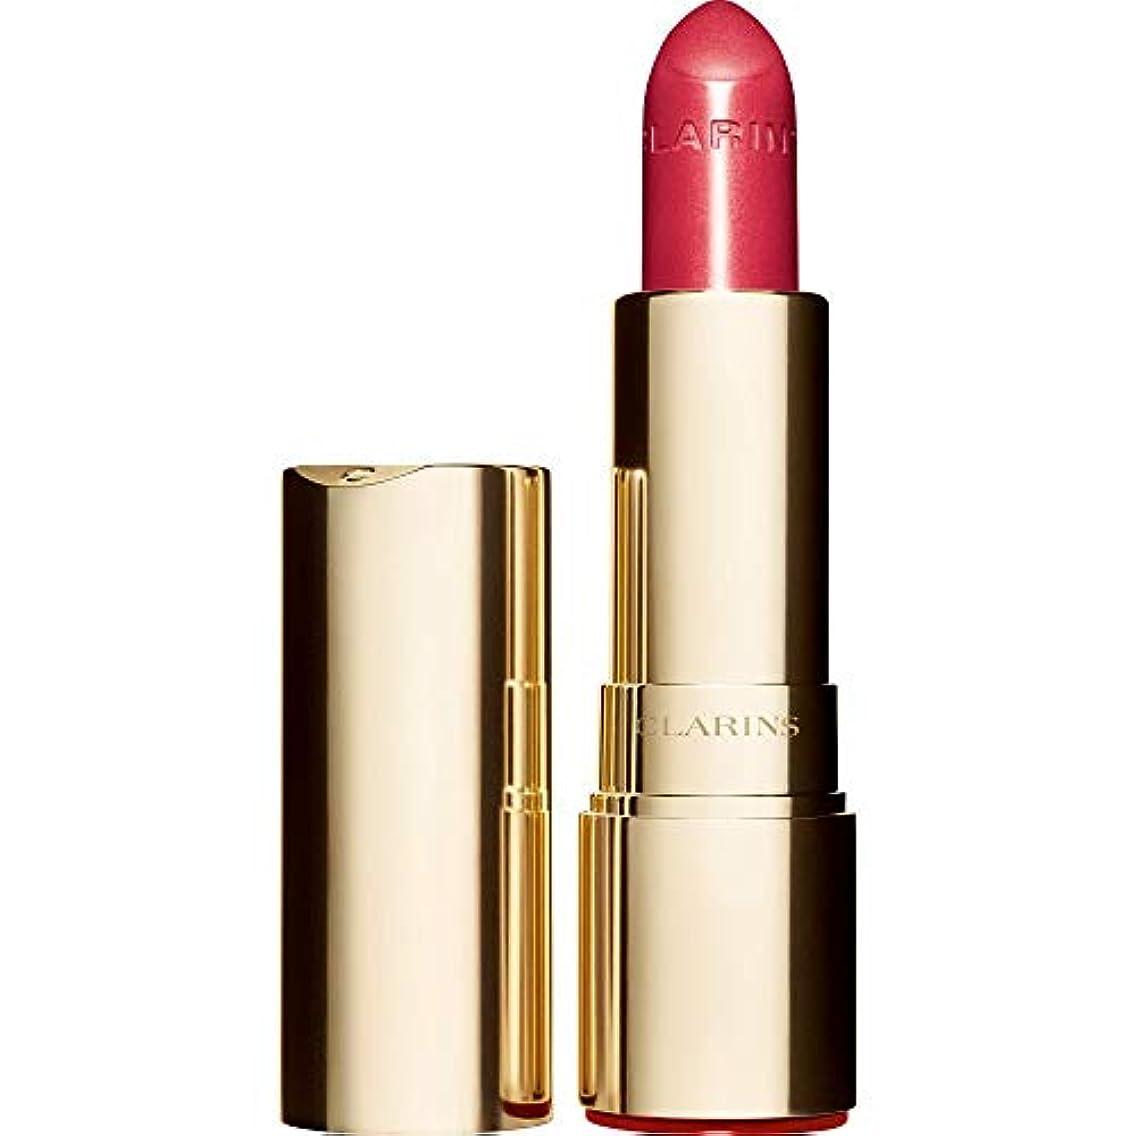 公式バラ色貨物[Clarins ] クラランスジョリルージュブリリアント口紅3.5グラムの756S - グアバ - Clarins Joli Rouge Brillant Lipstick 3.5g 756S - Guava [並行輸入品]